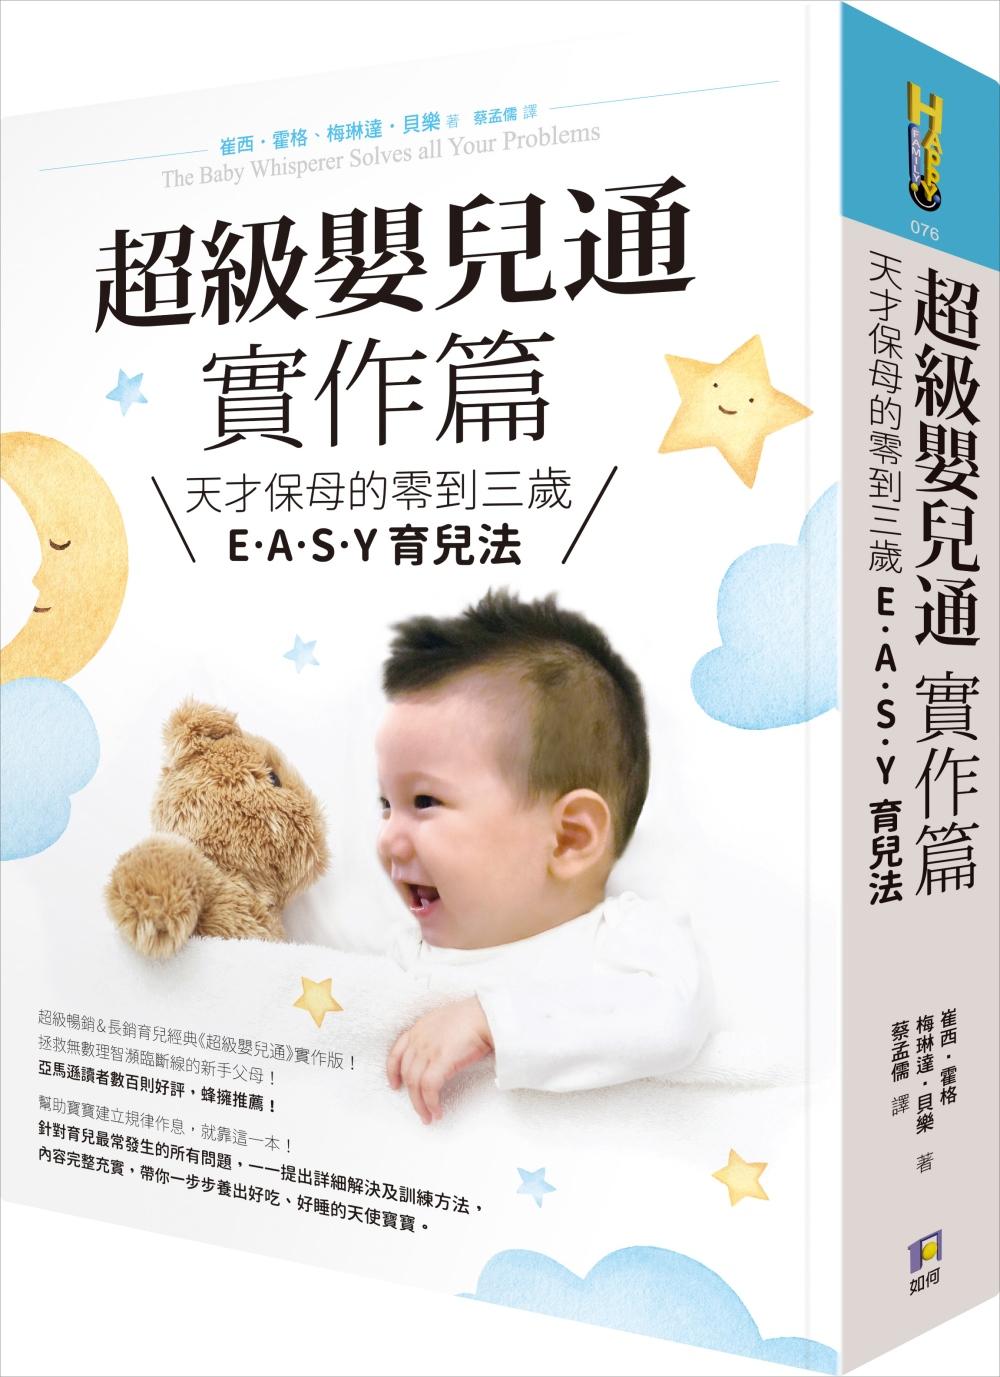 超級嬰兒通實作篇:天才保母的零到三歲E‧A‧S‧Y 育兒法